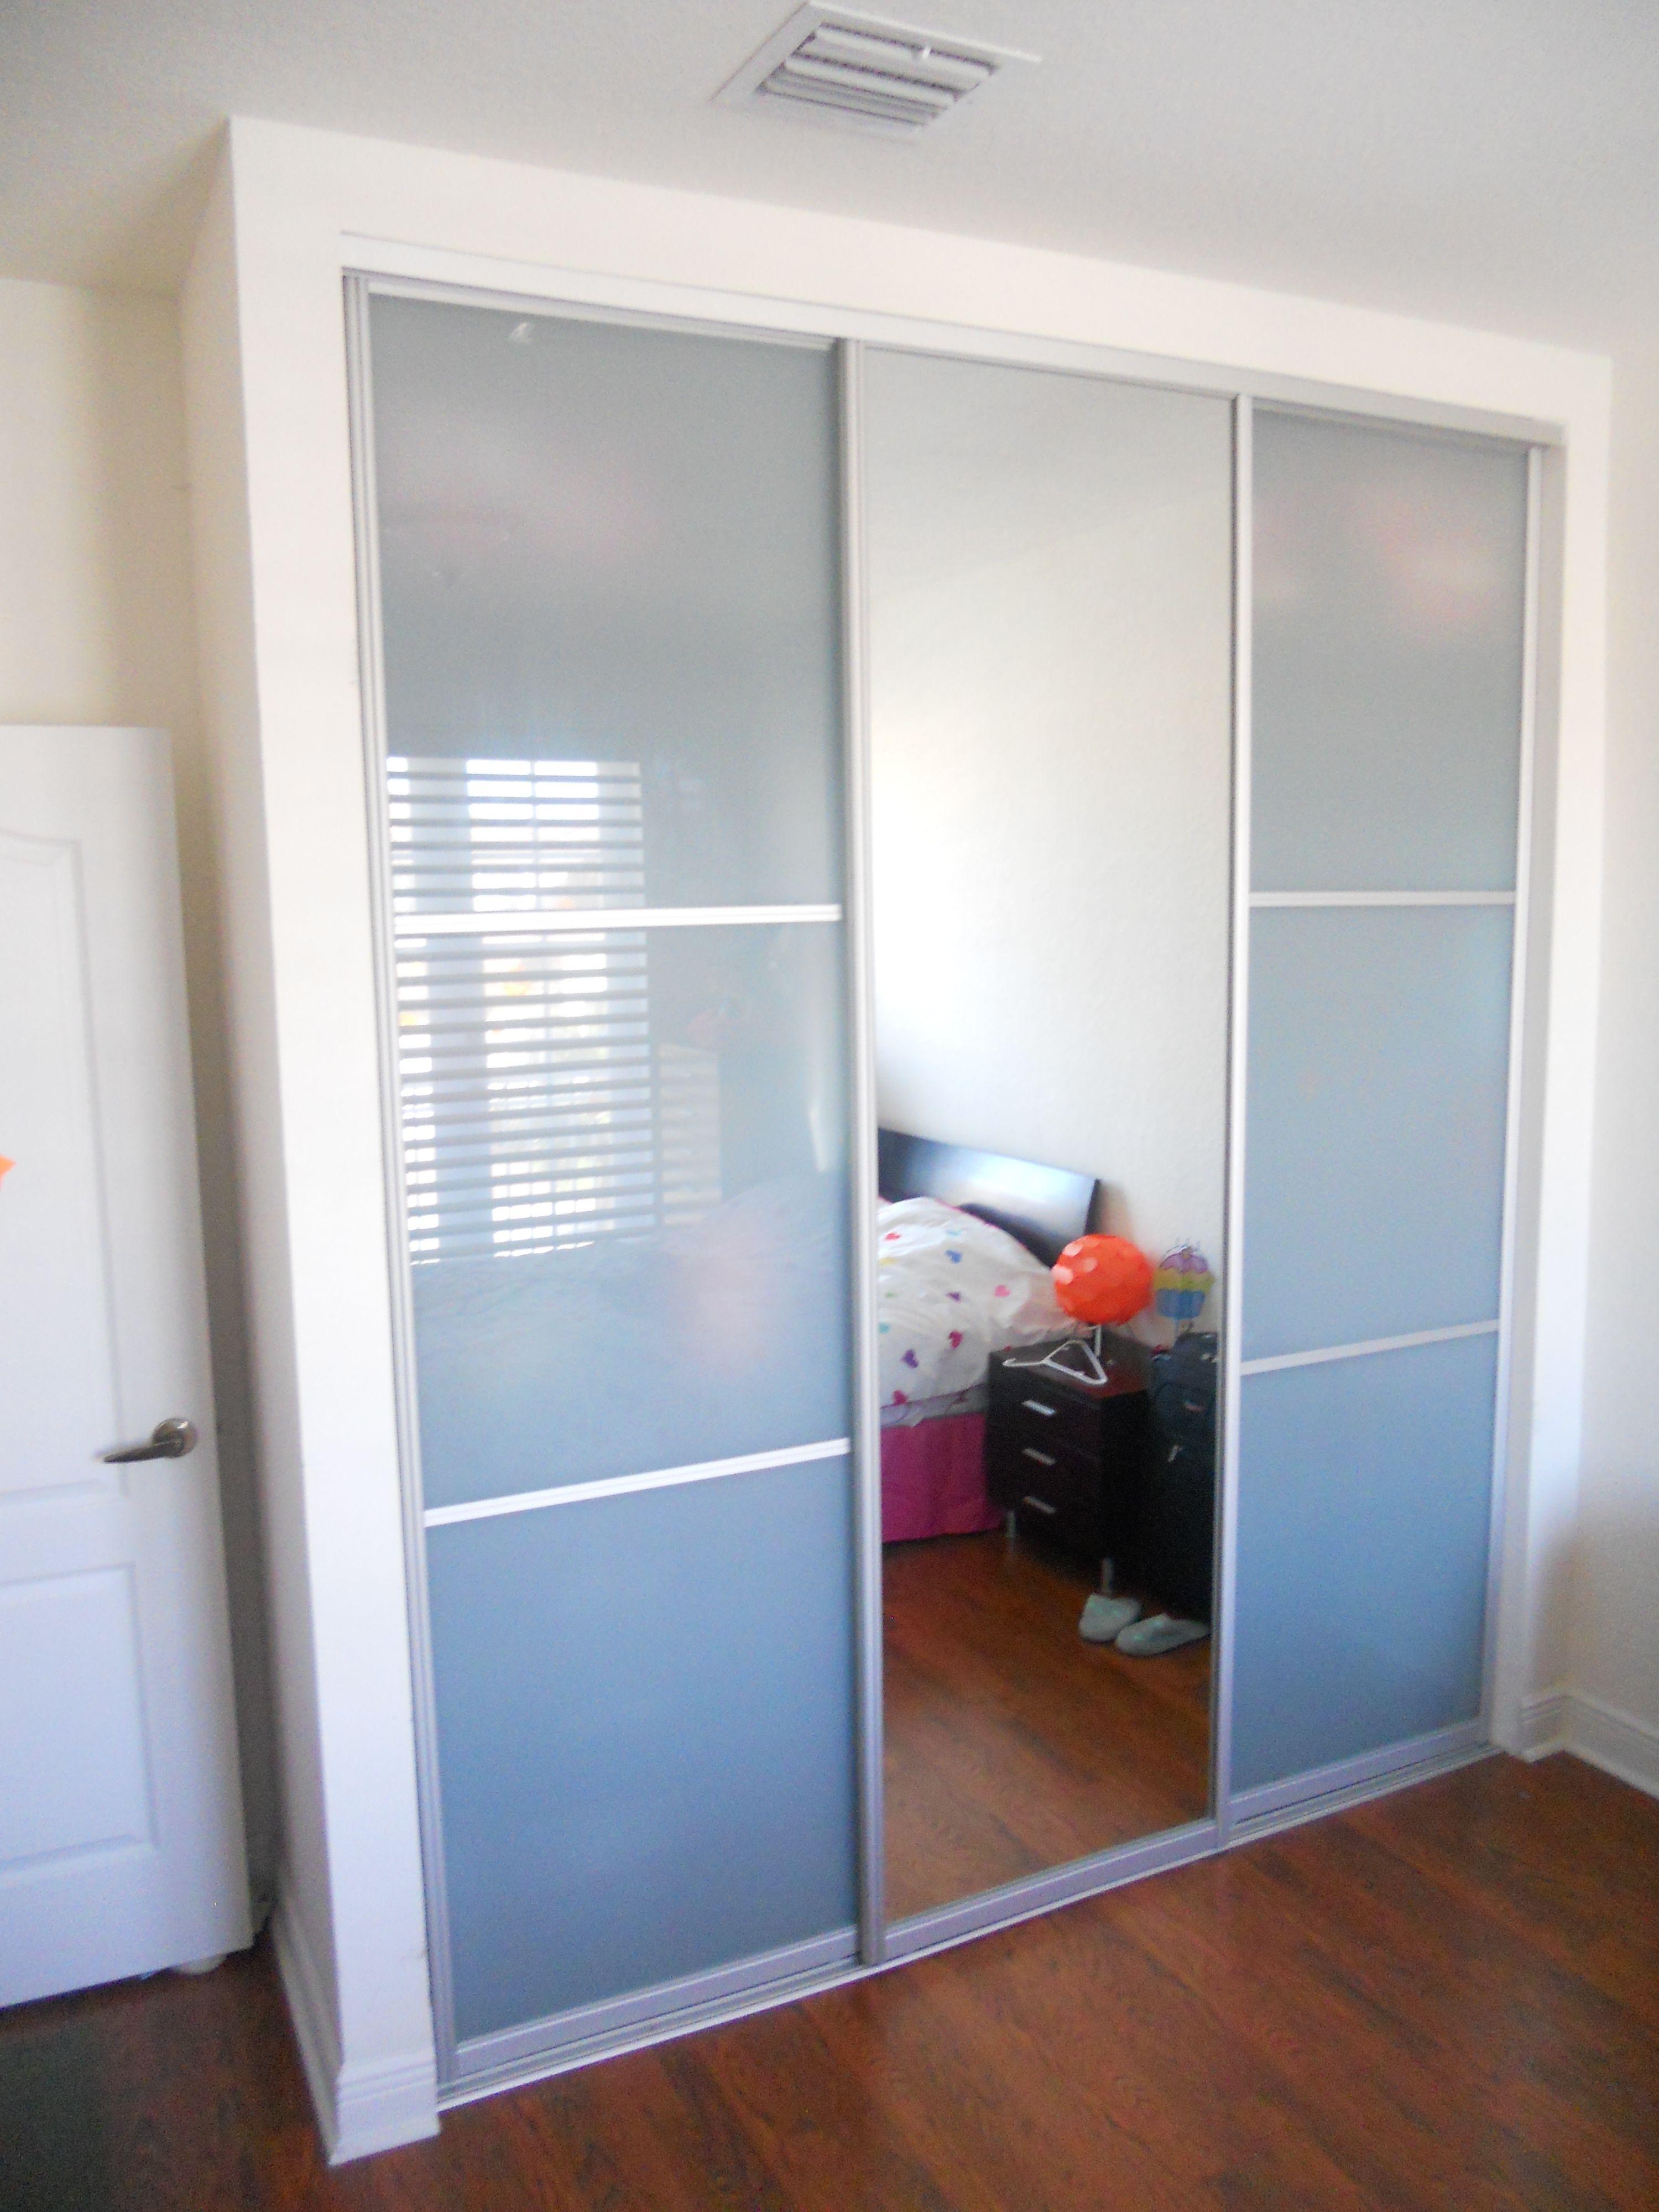 96 Tall Bypass Closet Doors Dvee Pinterest Closet Doors